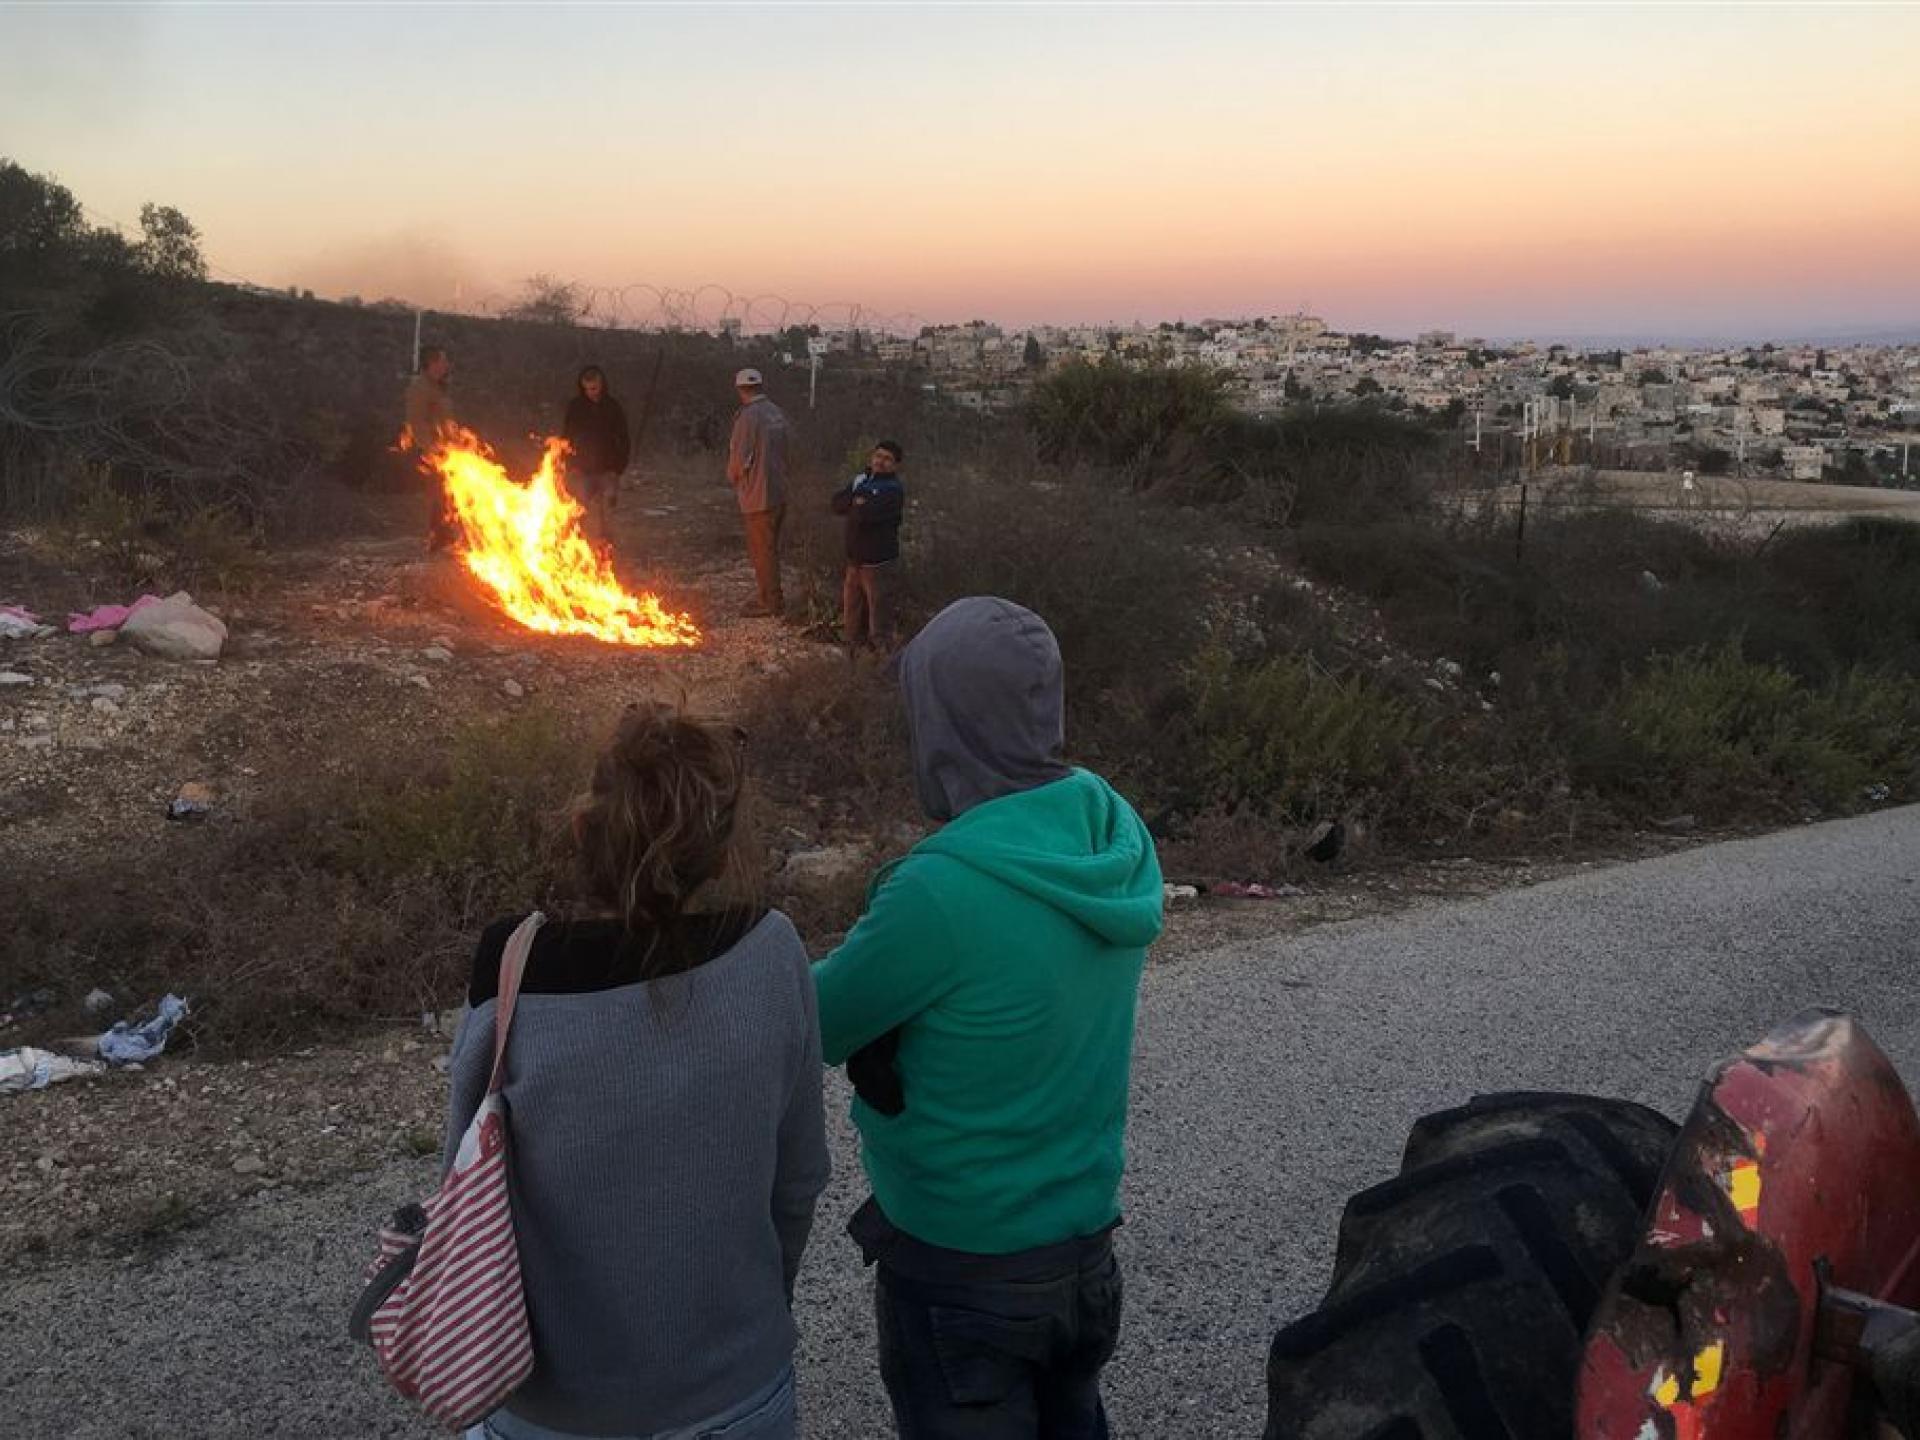 אנשים צופים במדורה שהדליקו בזמן ההמתנה